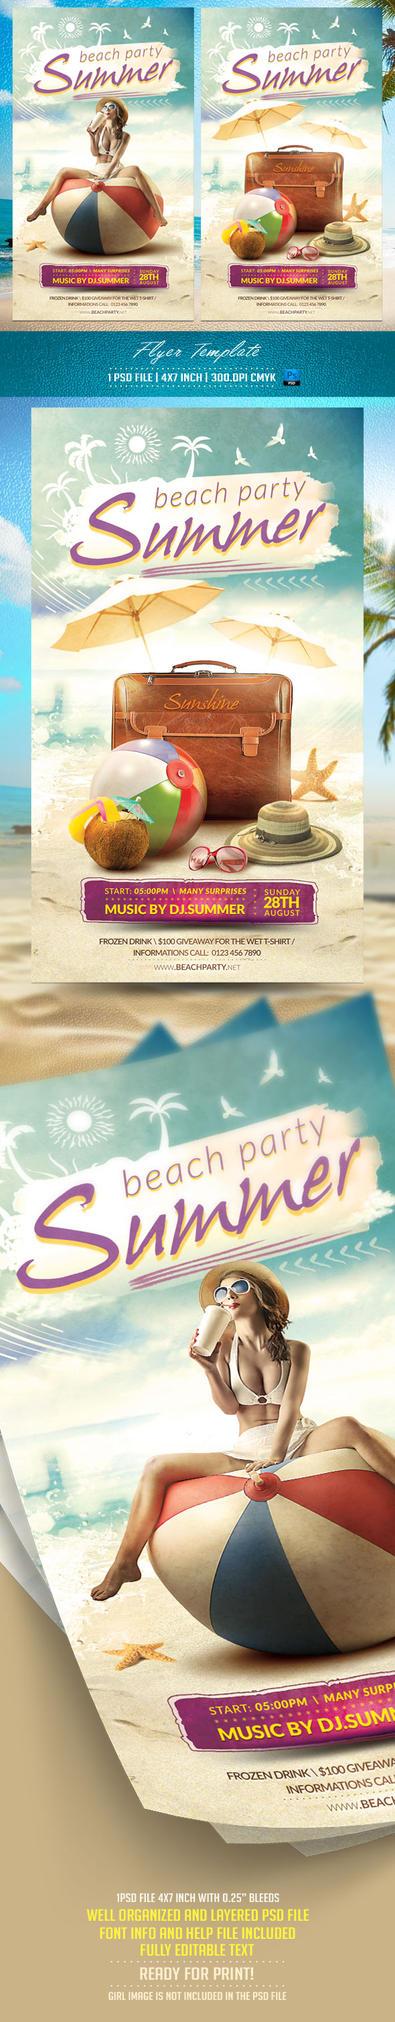 Summer Flyer Template by BriellDesign